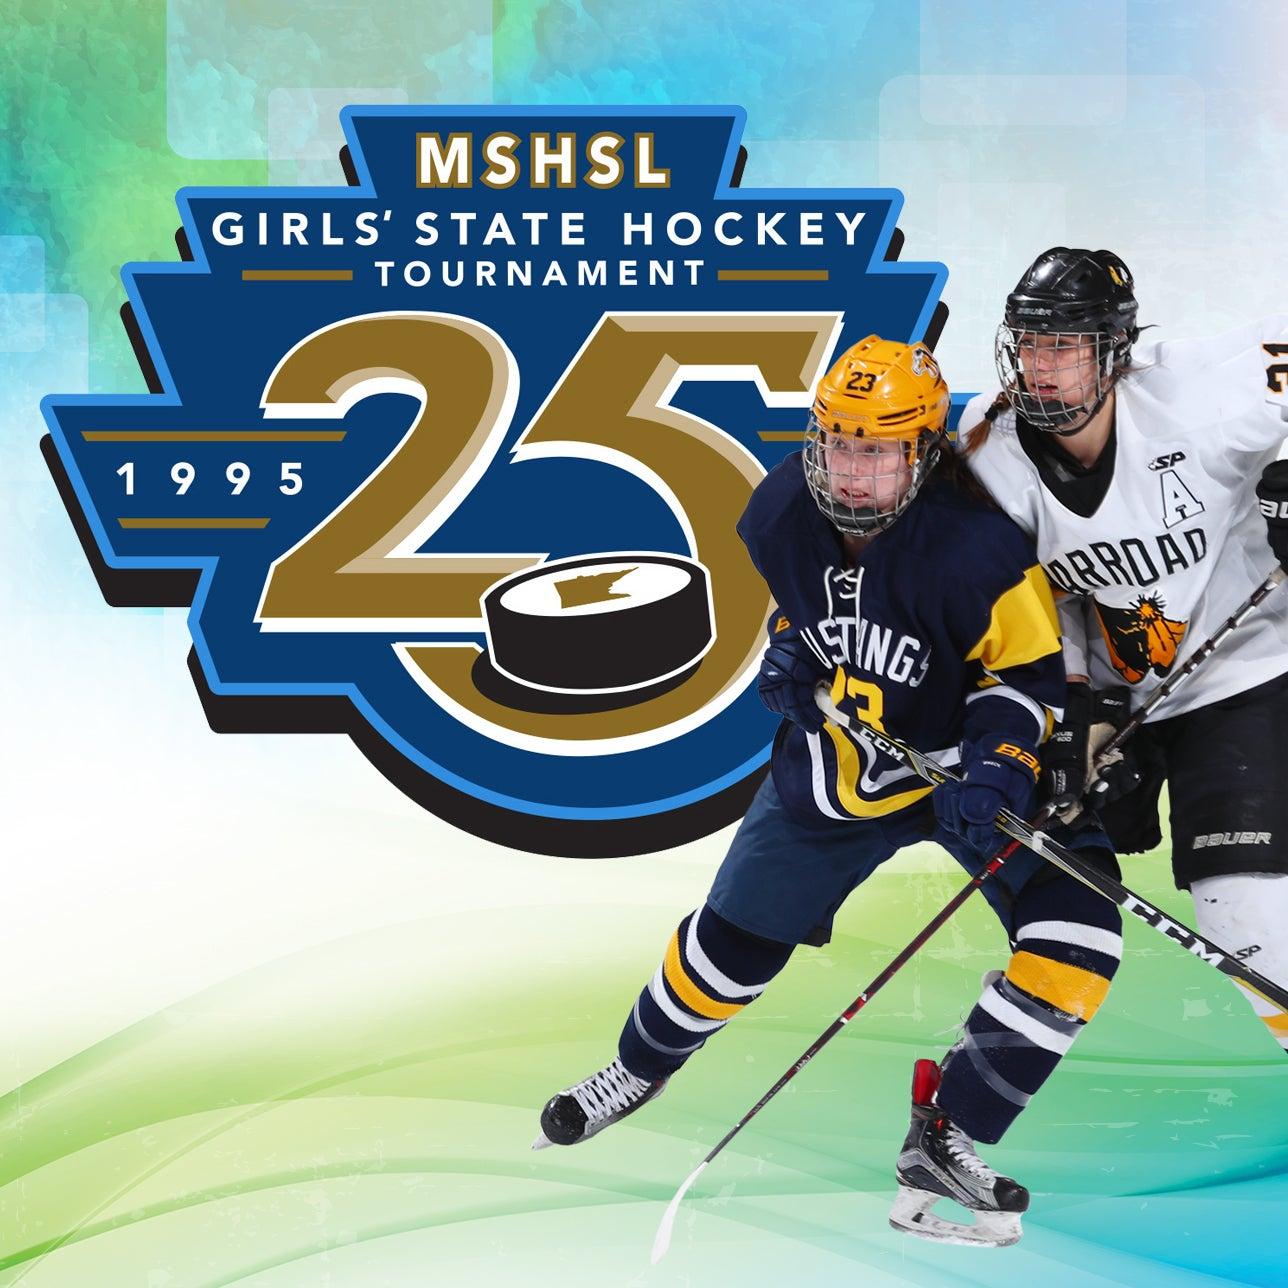 MSHSL Girls' State Hockey Tournament